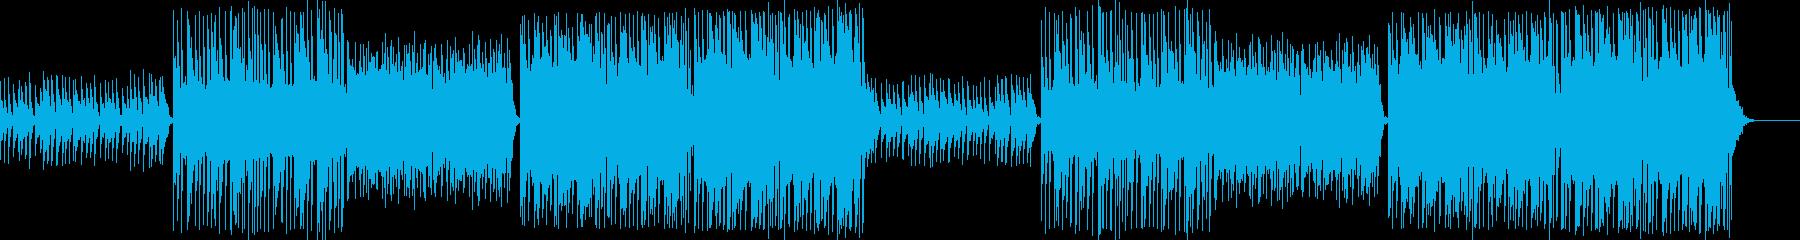 夏を盛り上げるトロピカルハウス・3の再生済みの波形